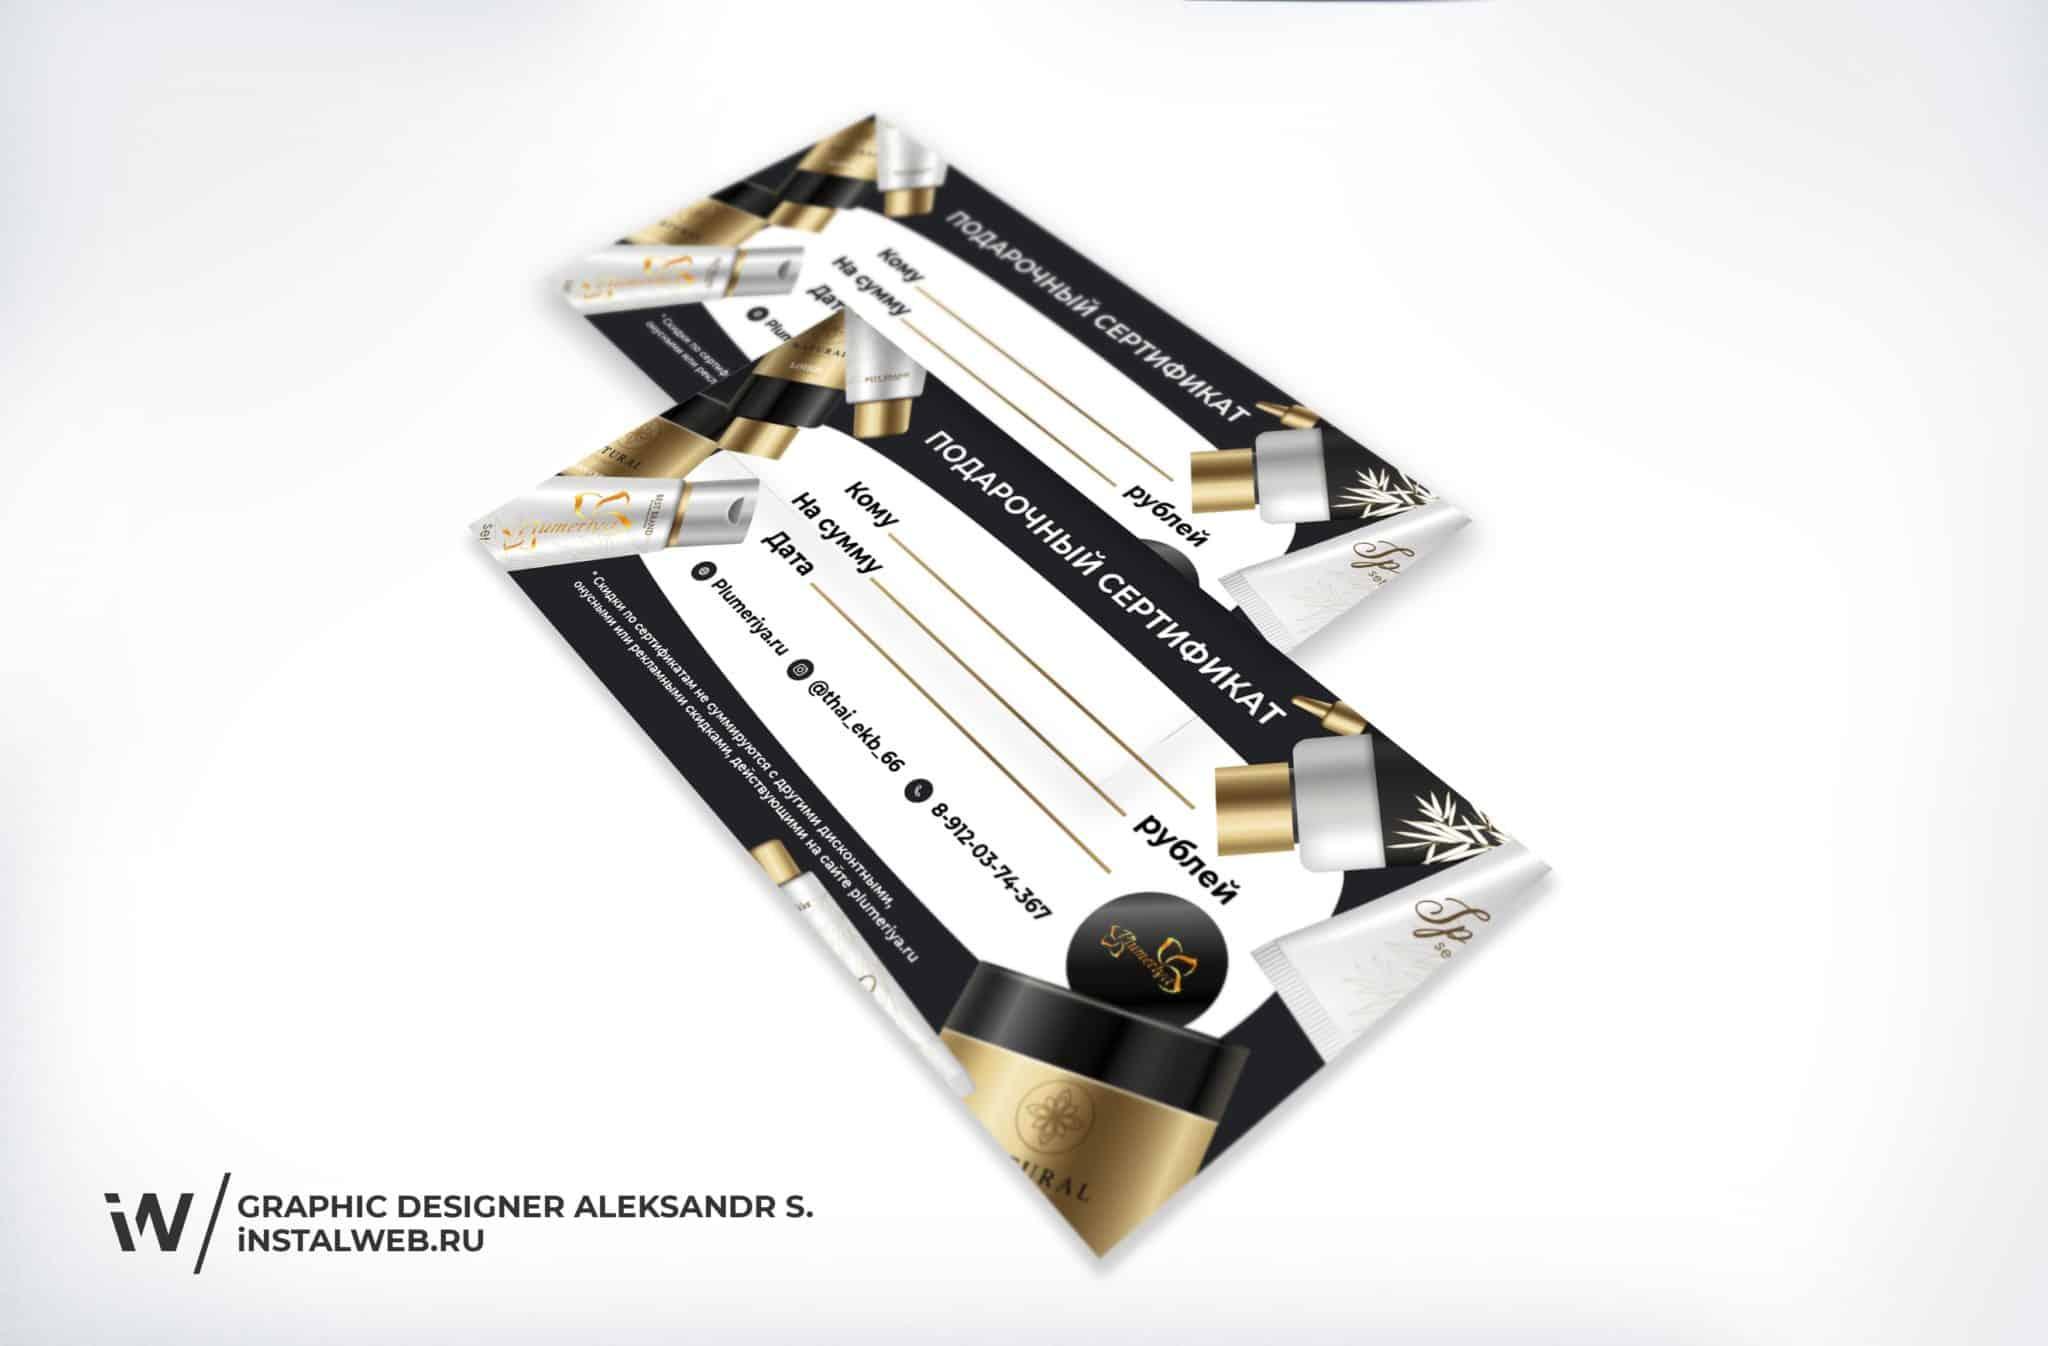 дизайн сертификата в формате евро флаера